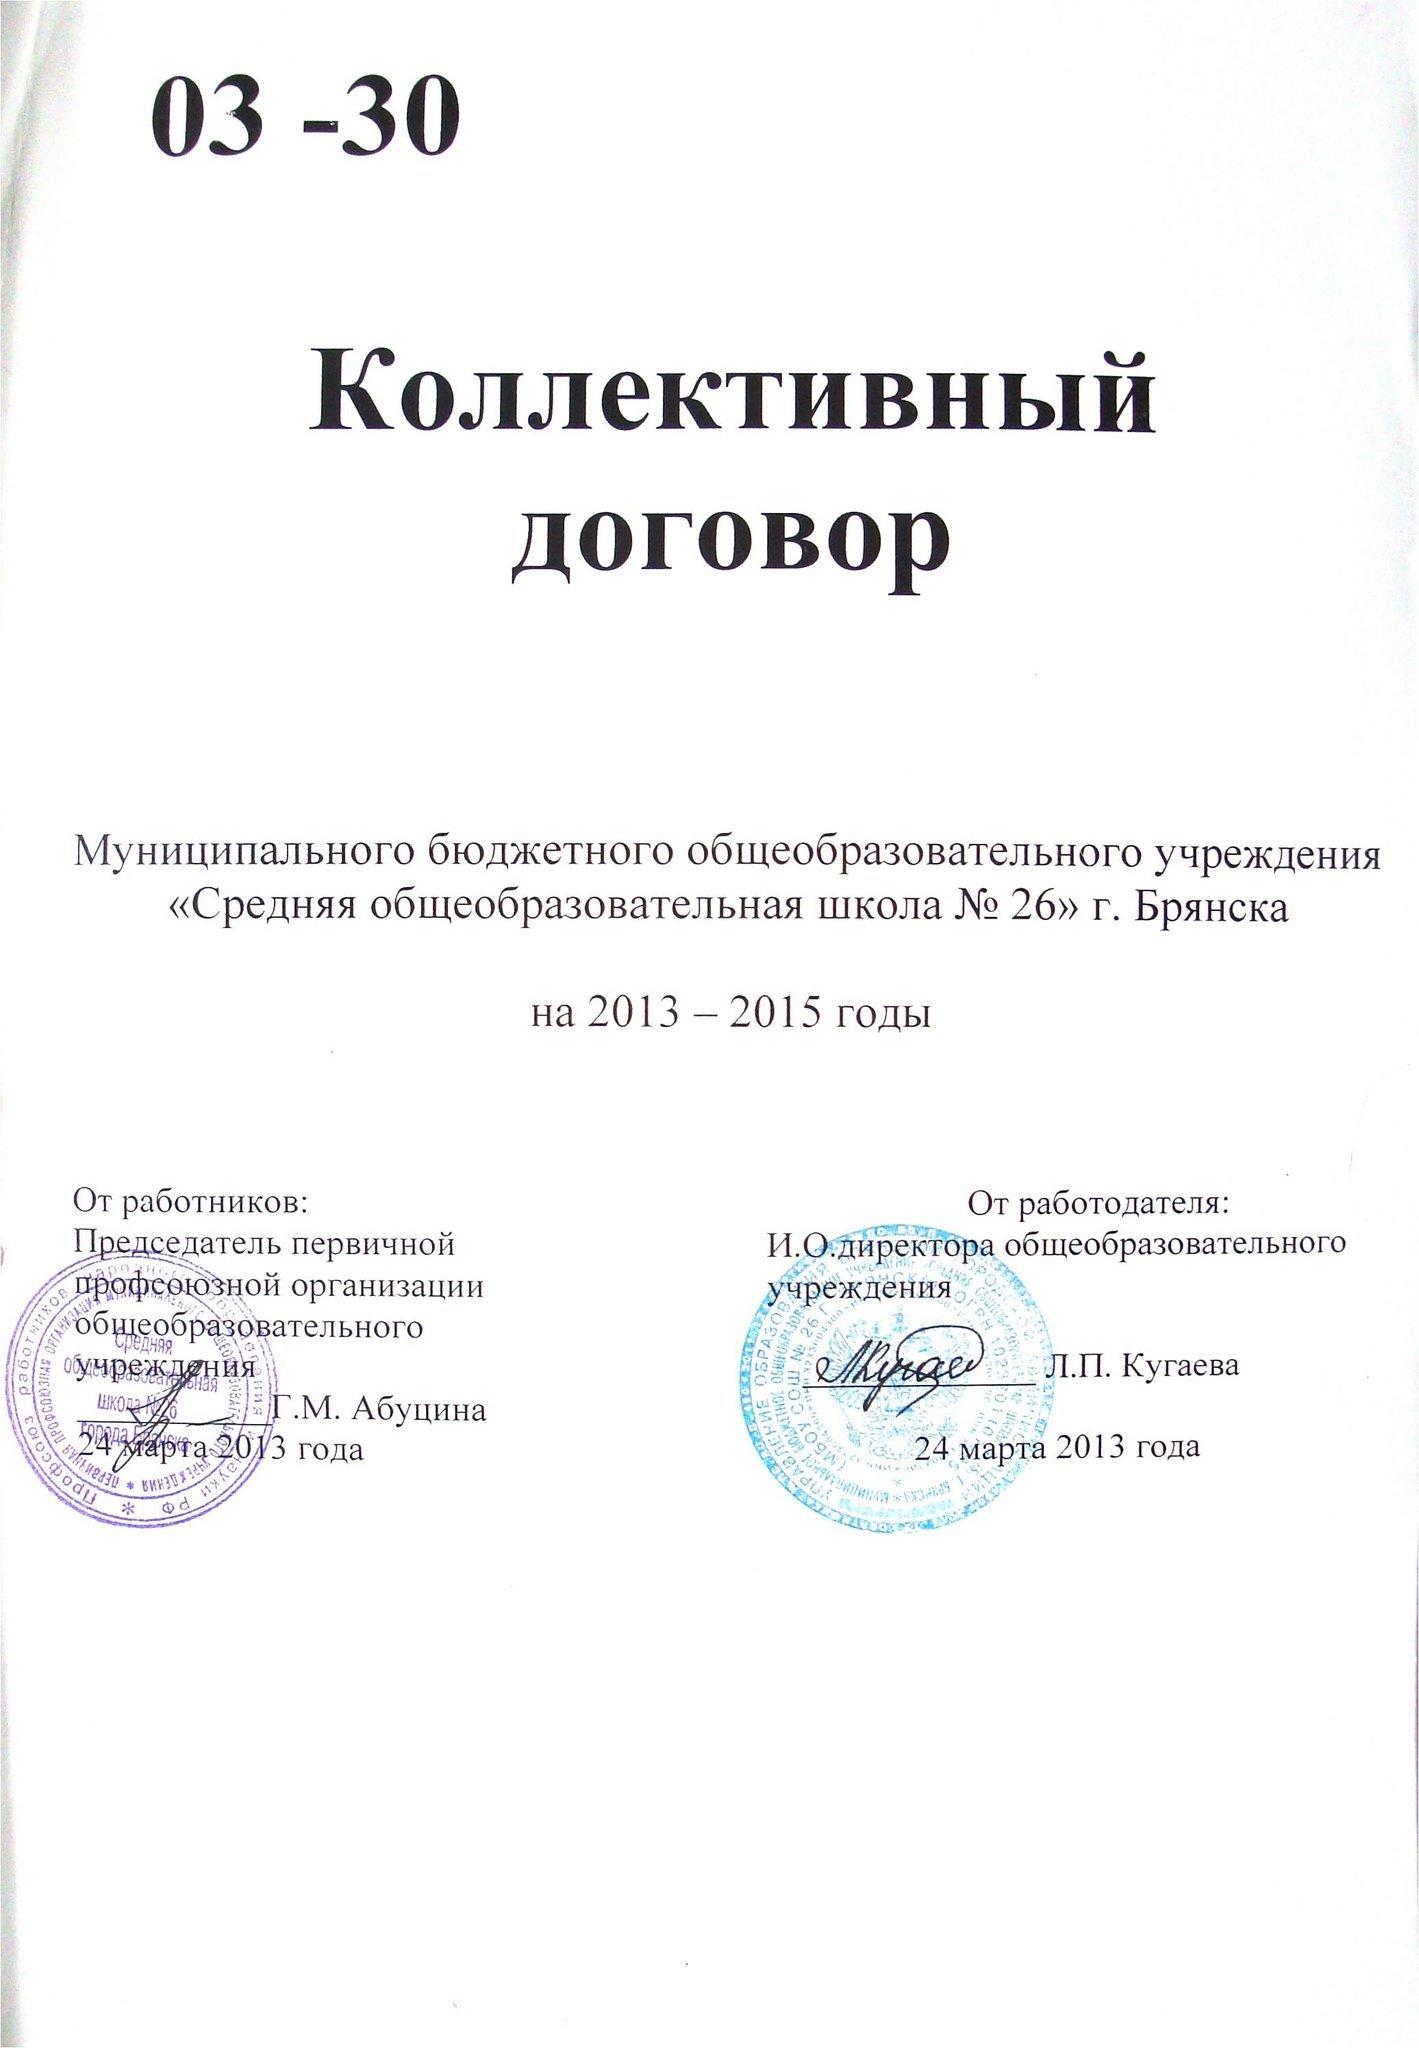 образец наследственного договора в россии